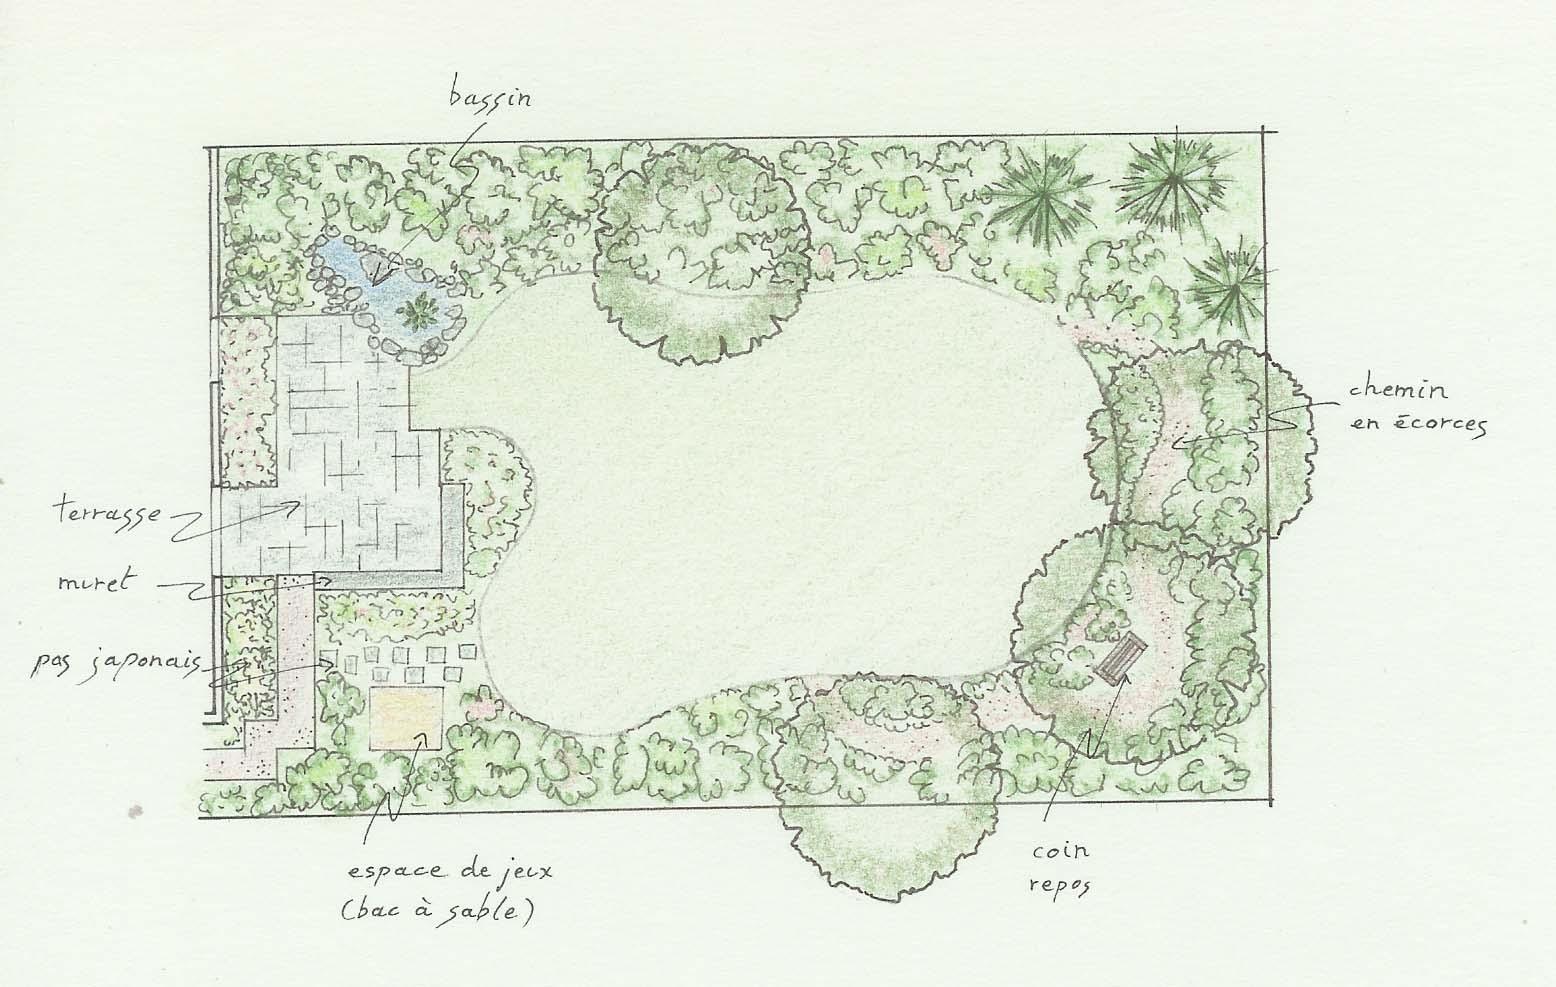 Paysagiste conseil r alise votre plan de jardin personnalis for Plan jardin